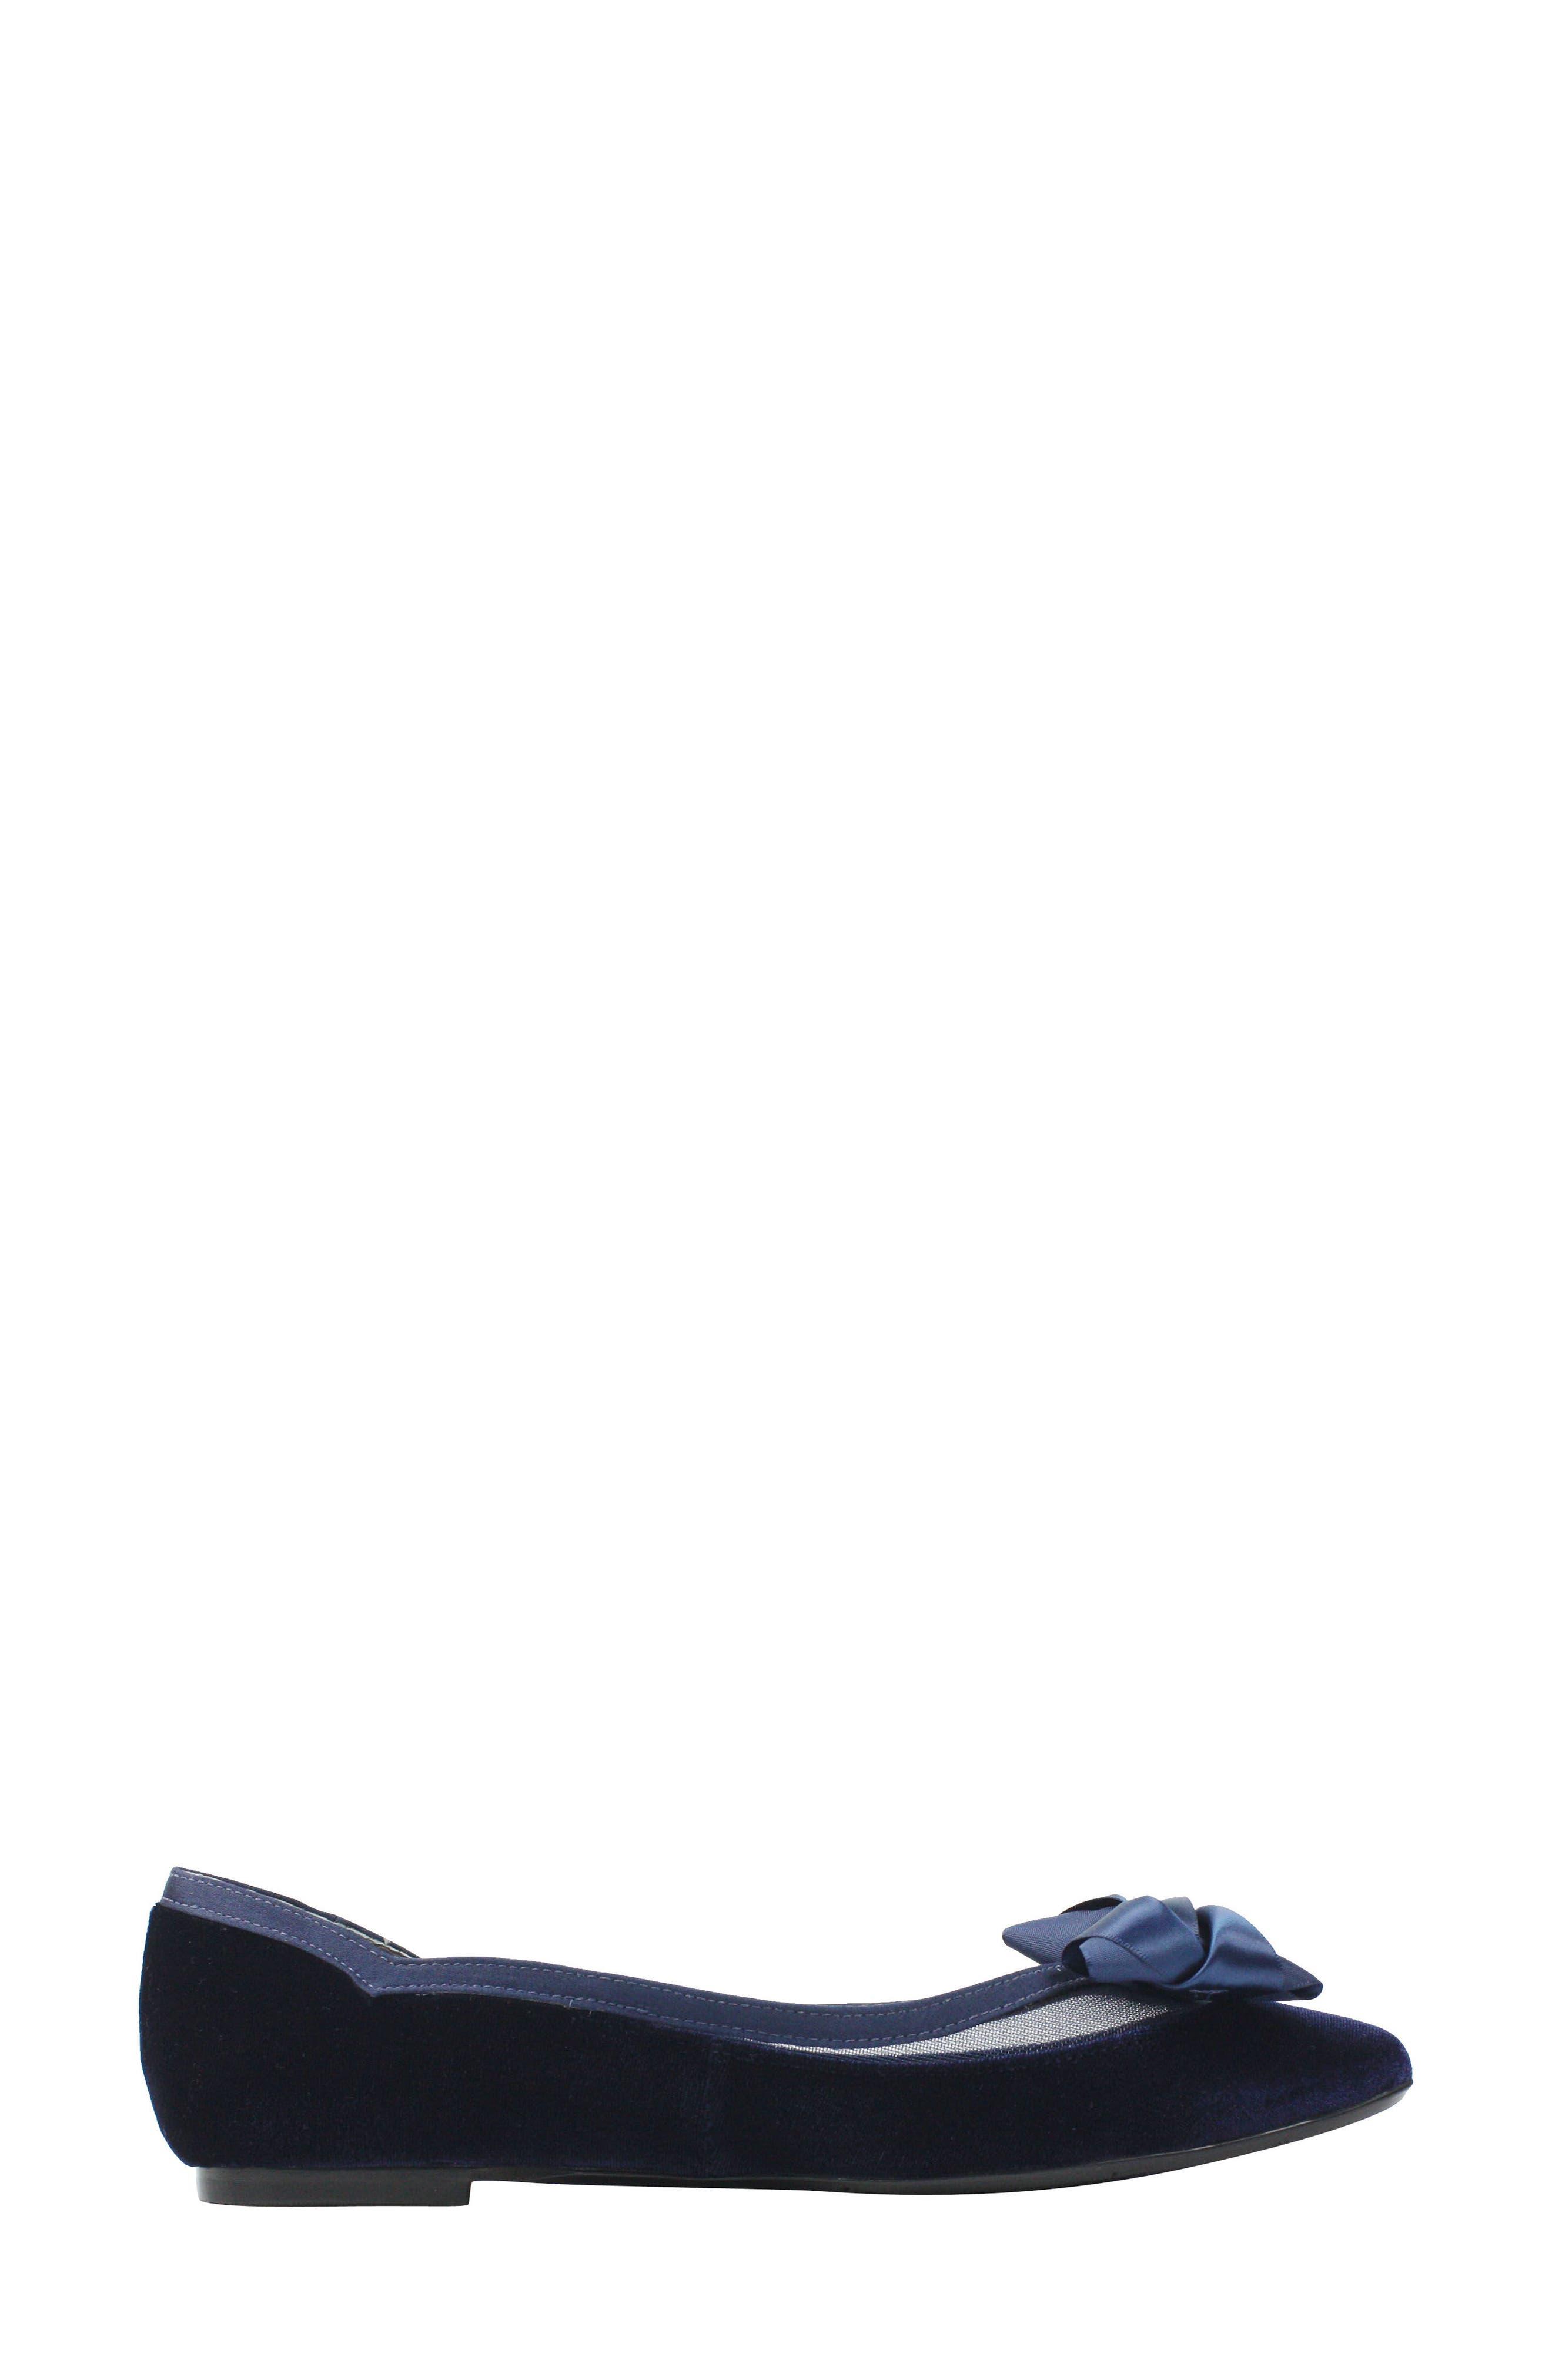 Allitson Bow Flat,                             Alternate thumbnail 3, color,                             Navy Velvet Fabric